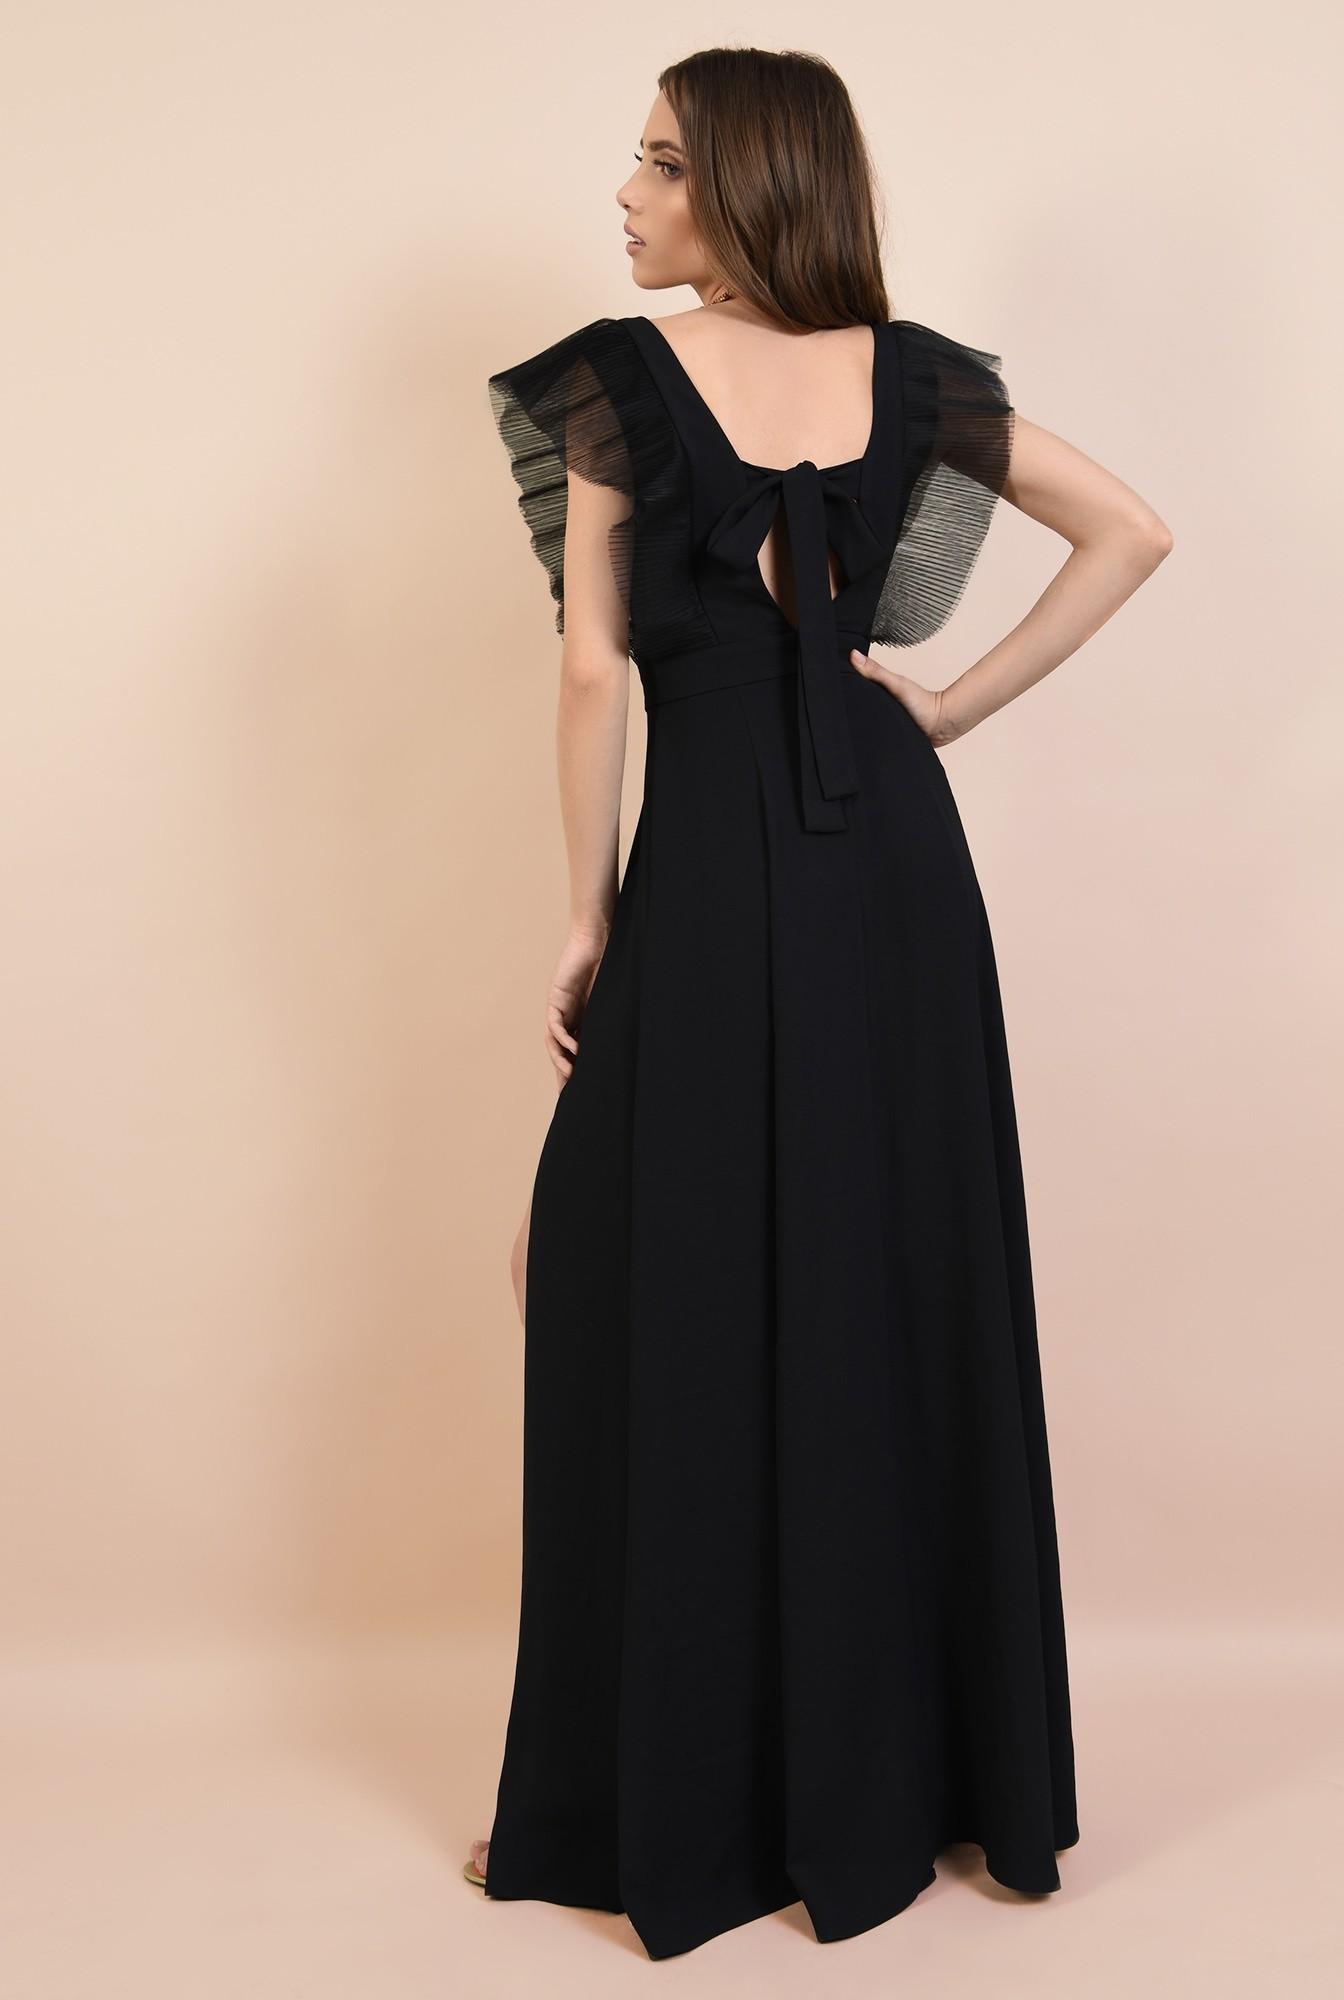 1 - rochie de ocazie, neagra, lunga, cu volane din tul, Poema, slit adanc